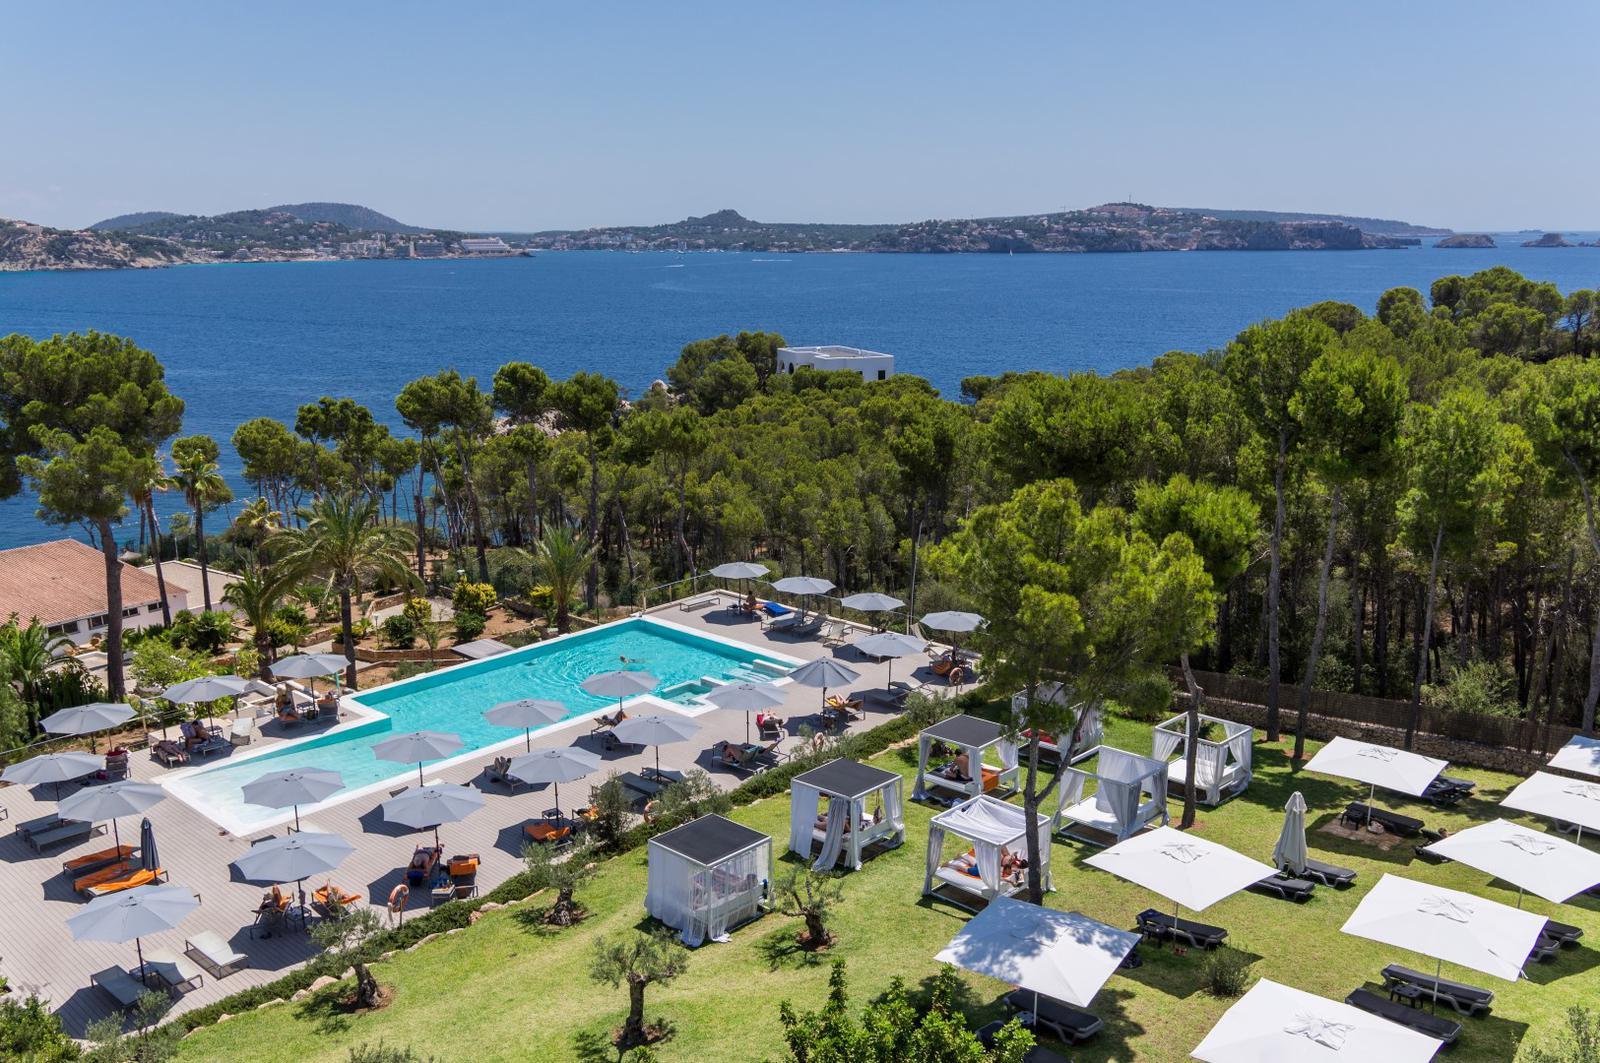 hoteles de playa en mallorca coronado_Thallaso and spa